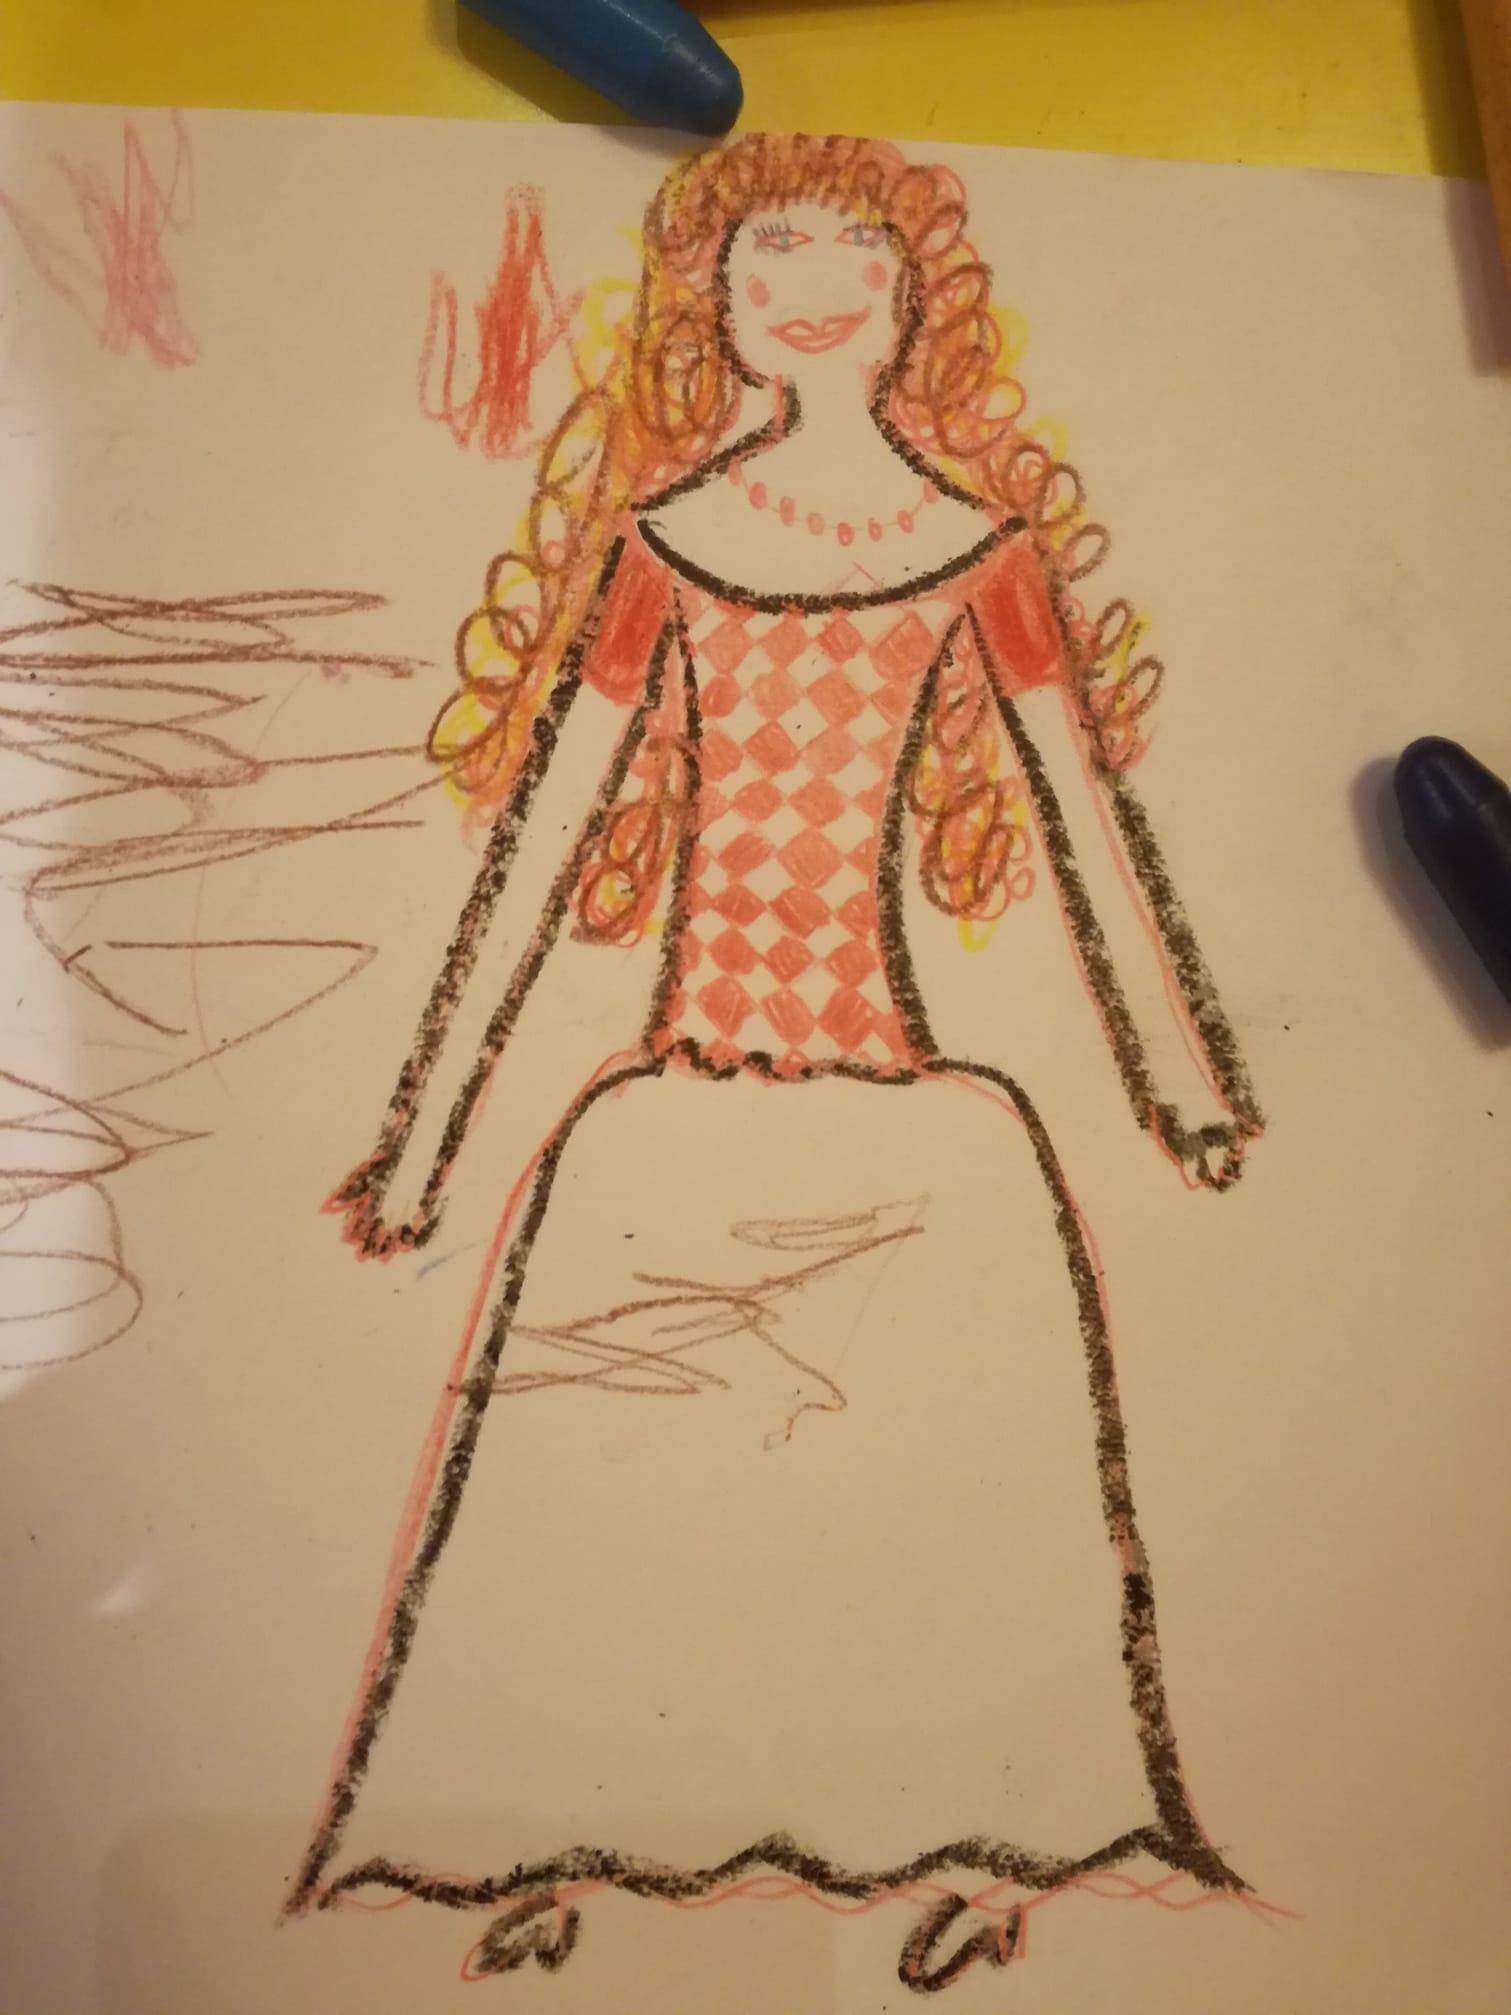 rajz, anyarajz, tehetségtelen, rajzolj, királylány